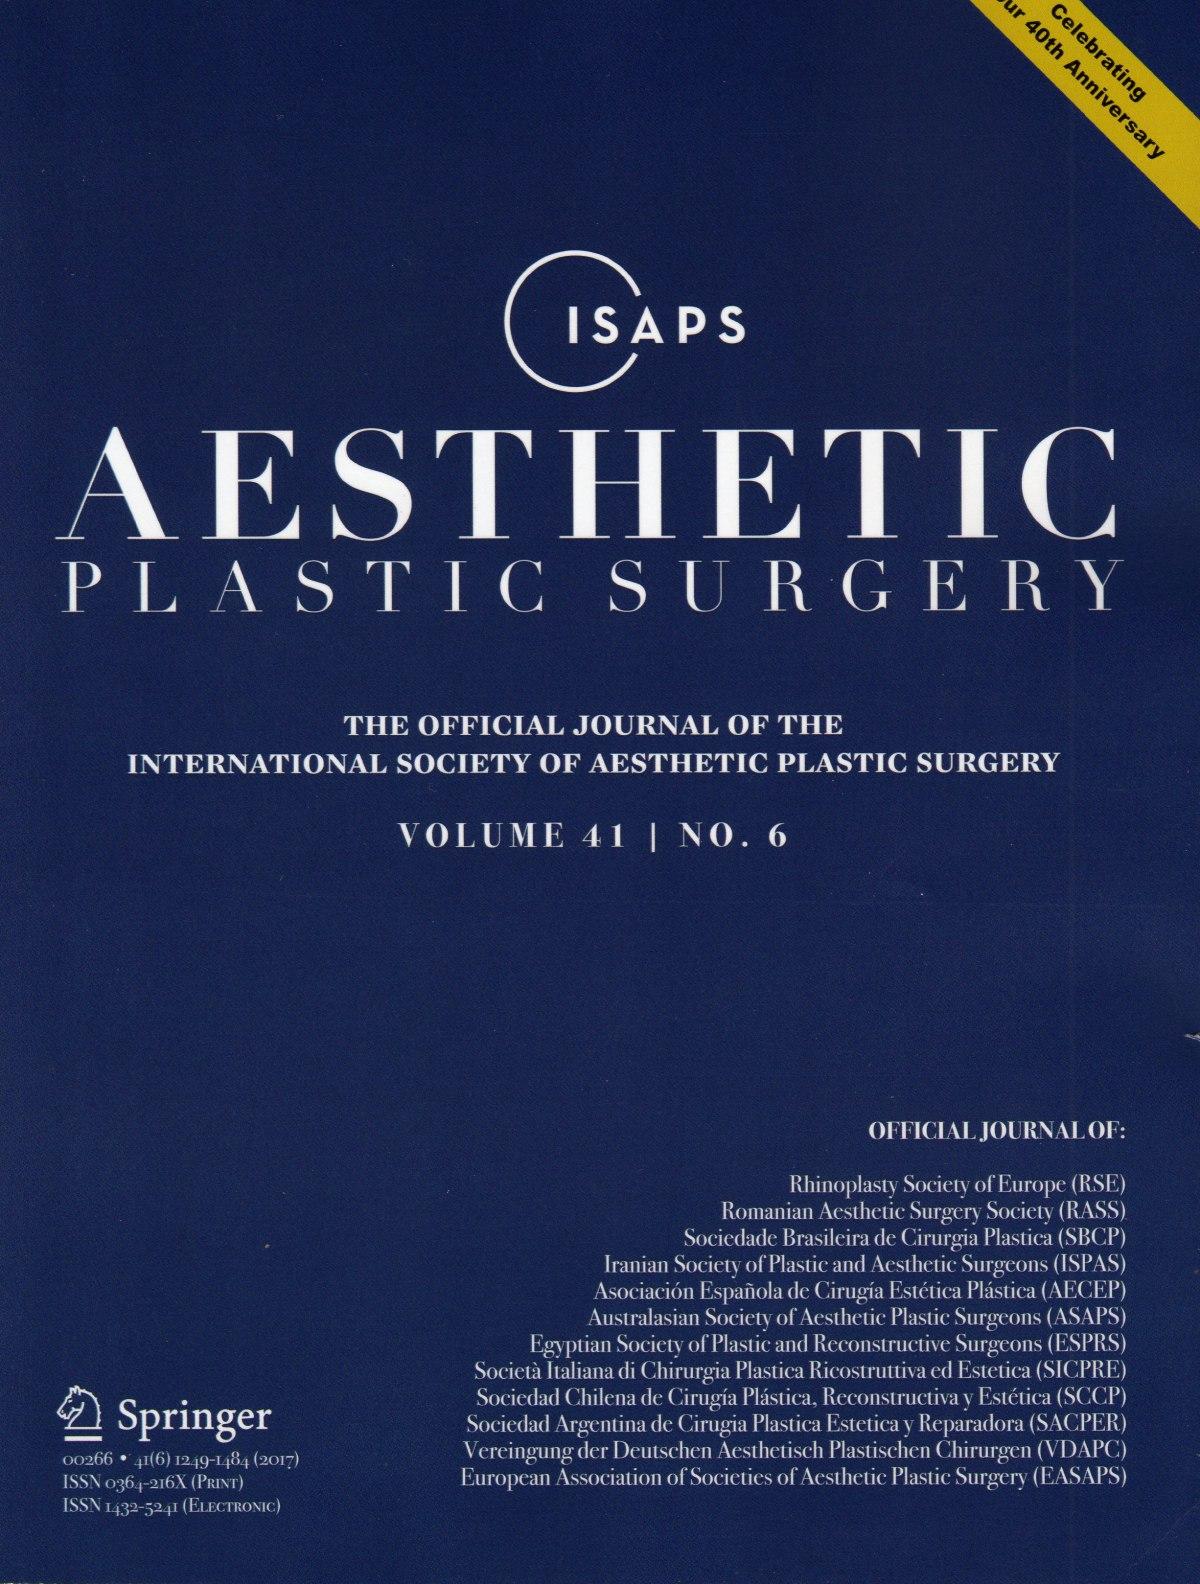 國際「美容整型外科」醫學期刊來函邀請擔任論文審稿人